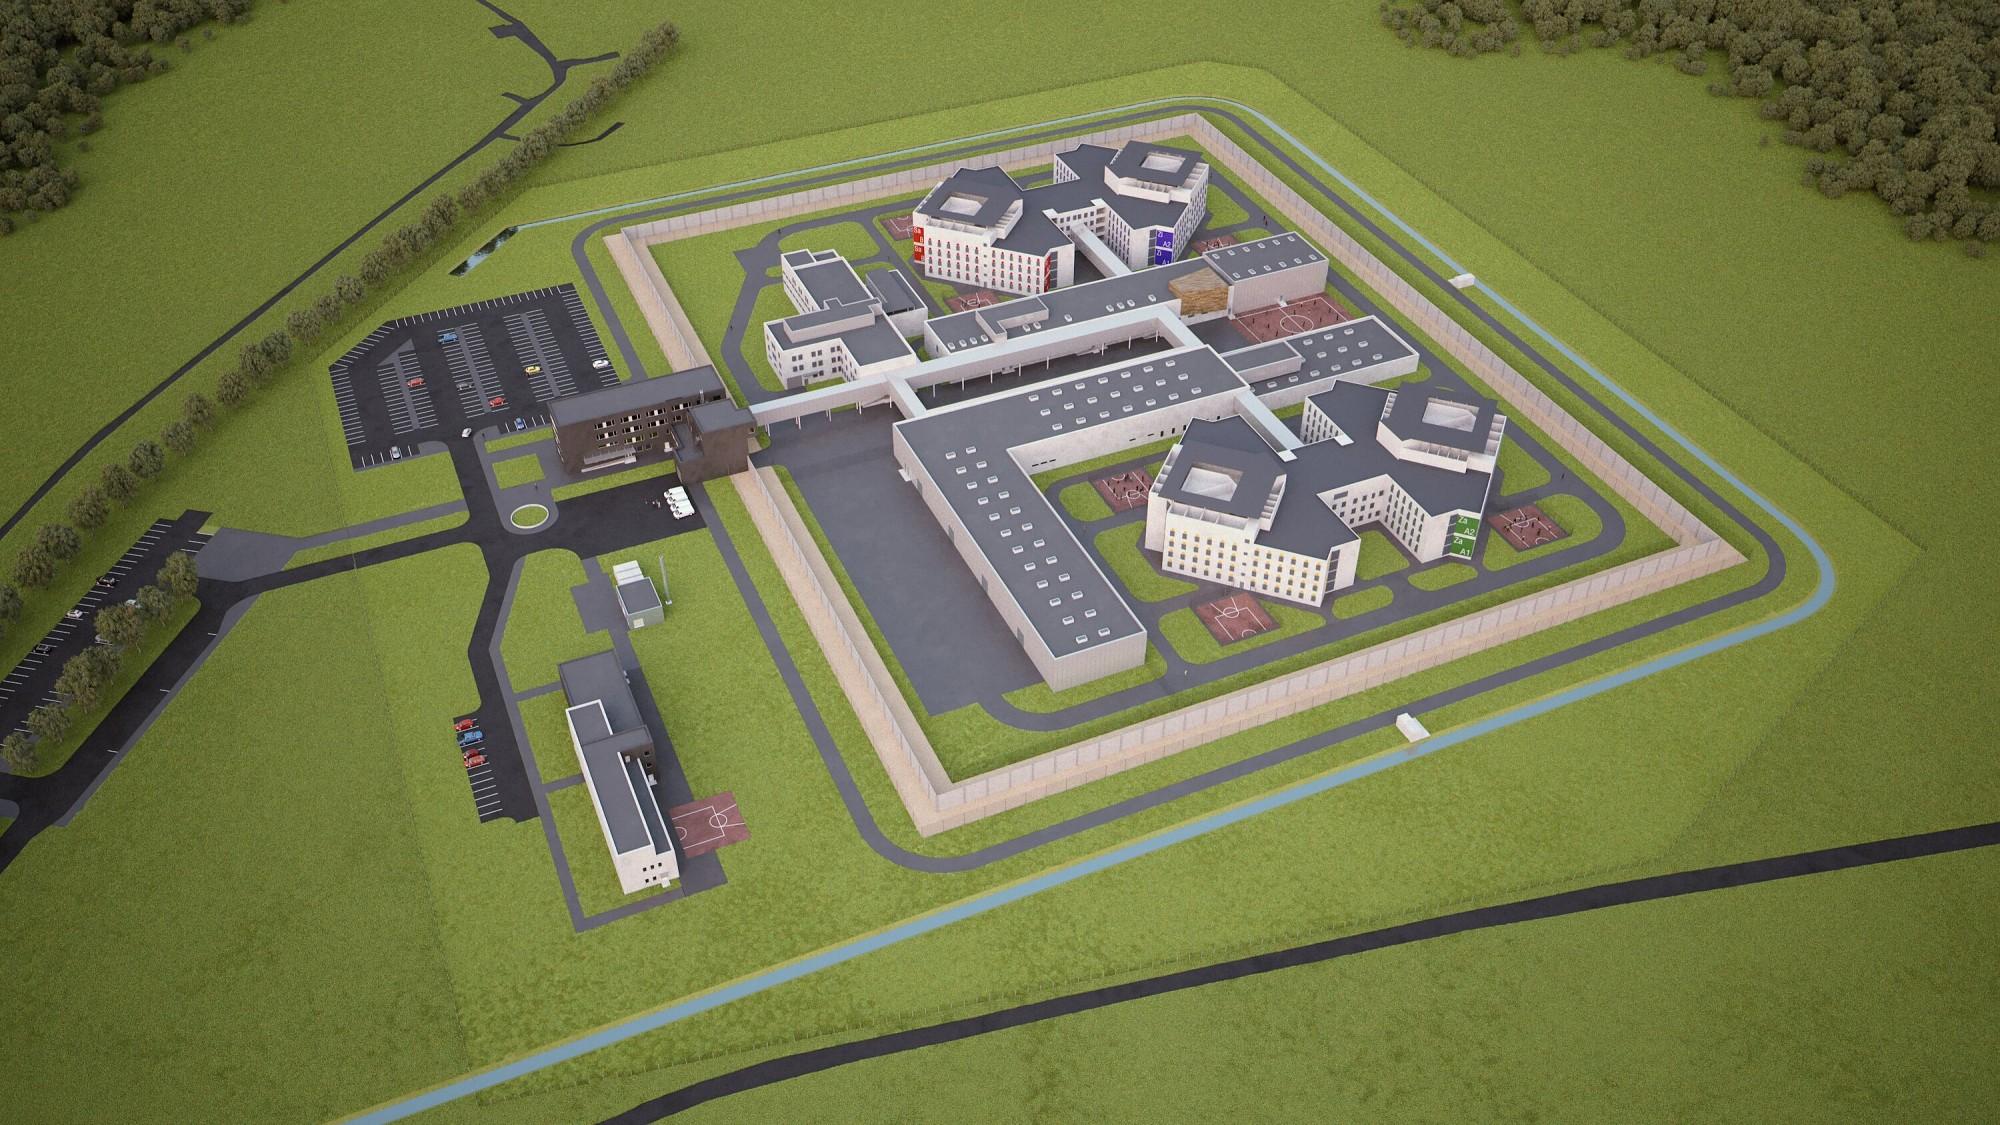 Plānots sludināt jaunu iepirkumu Liepājas cietuma celtniecībai